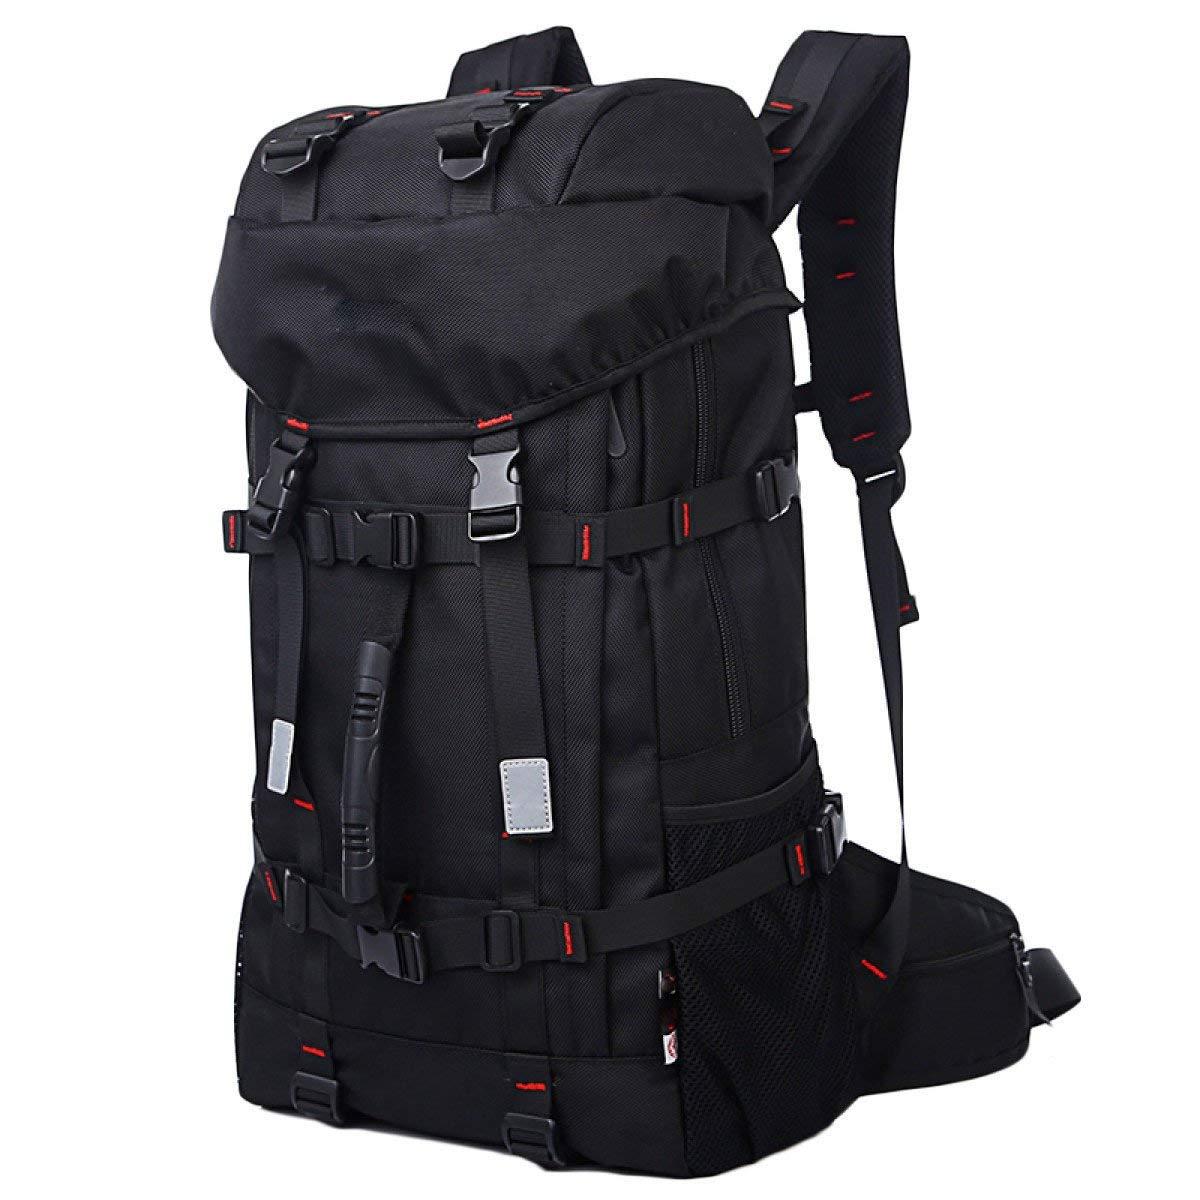 Pureed Reiserucksack Im Freien Freizeit Mode Trends Tragbaren Multifunktionale Bergsteigen Taschen Schwarz (Farbe   Schwarz, Größe   One Größe)